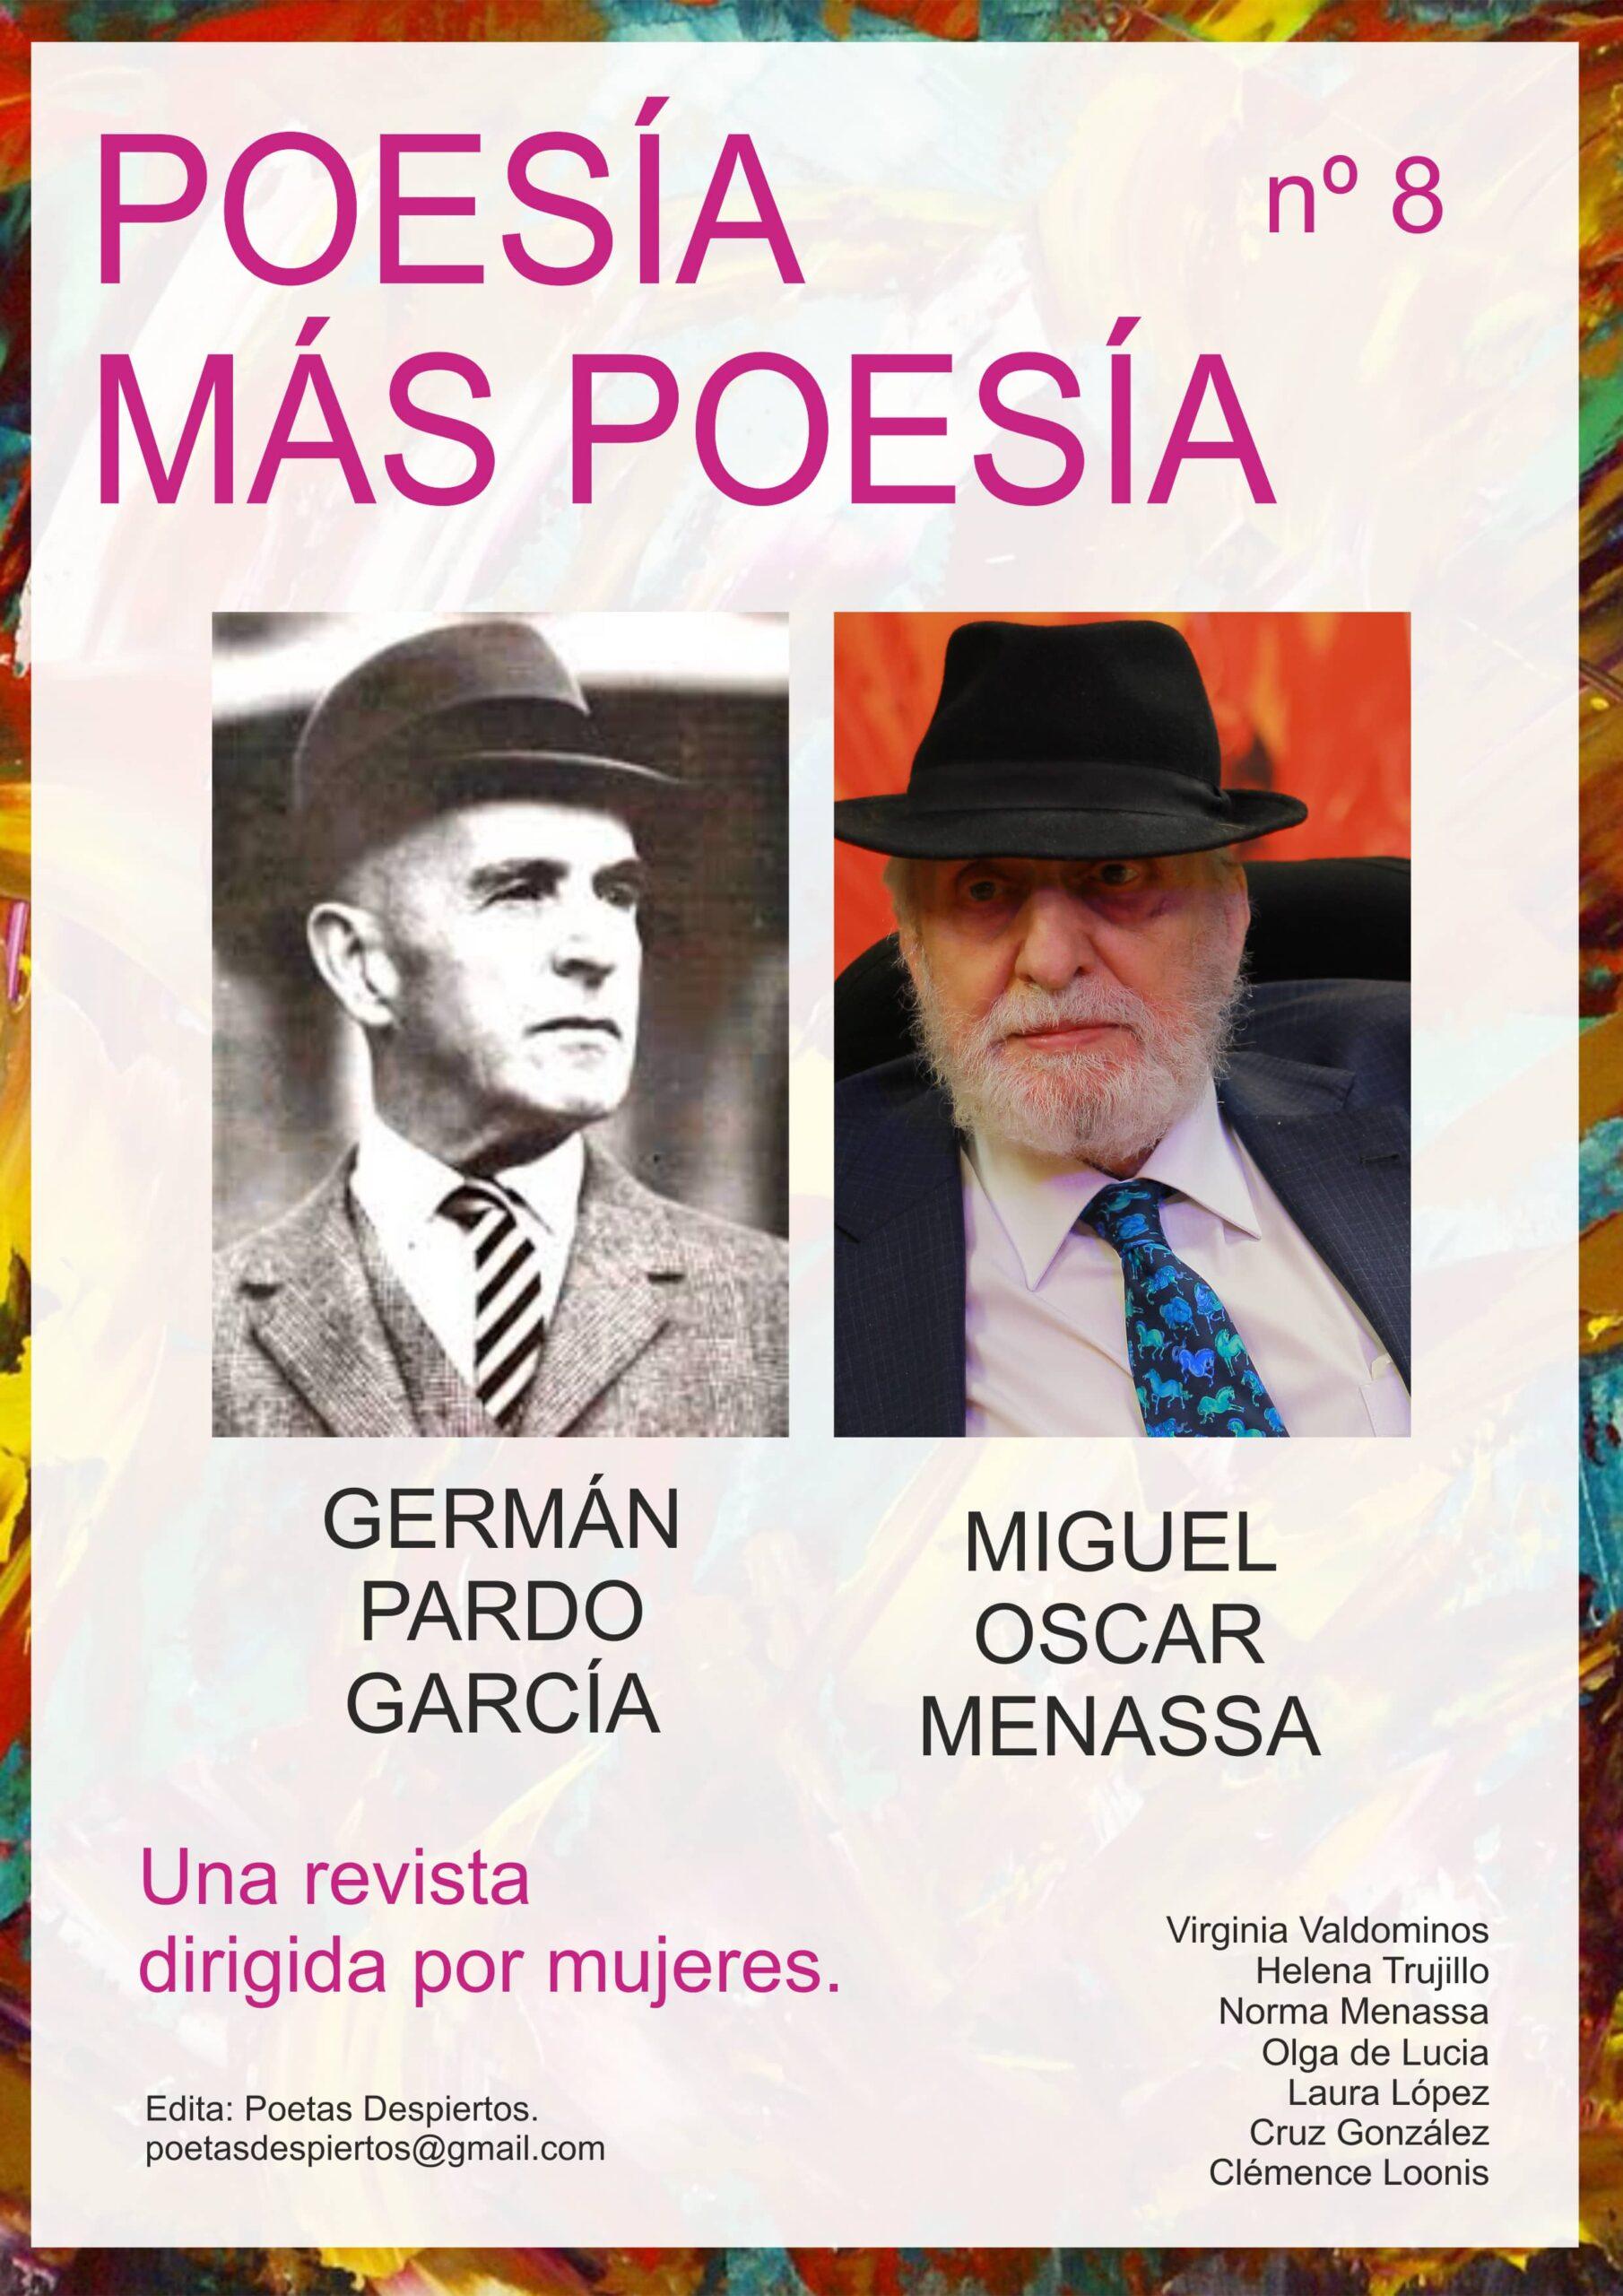 REVISTA poesía más poesía dedicada al poeta colombiano Germán Pardo García y al poeta hispanoargentino Miguel Oscar Menassa